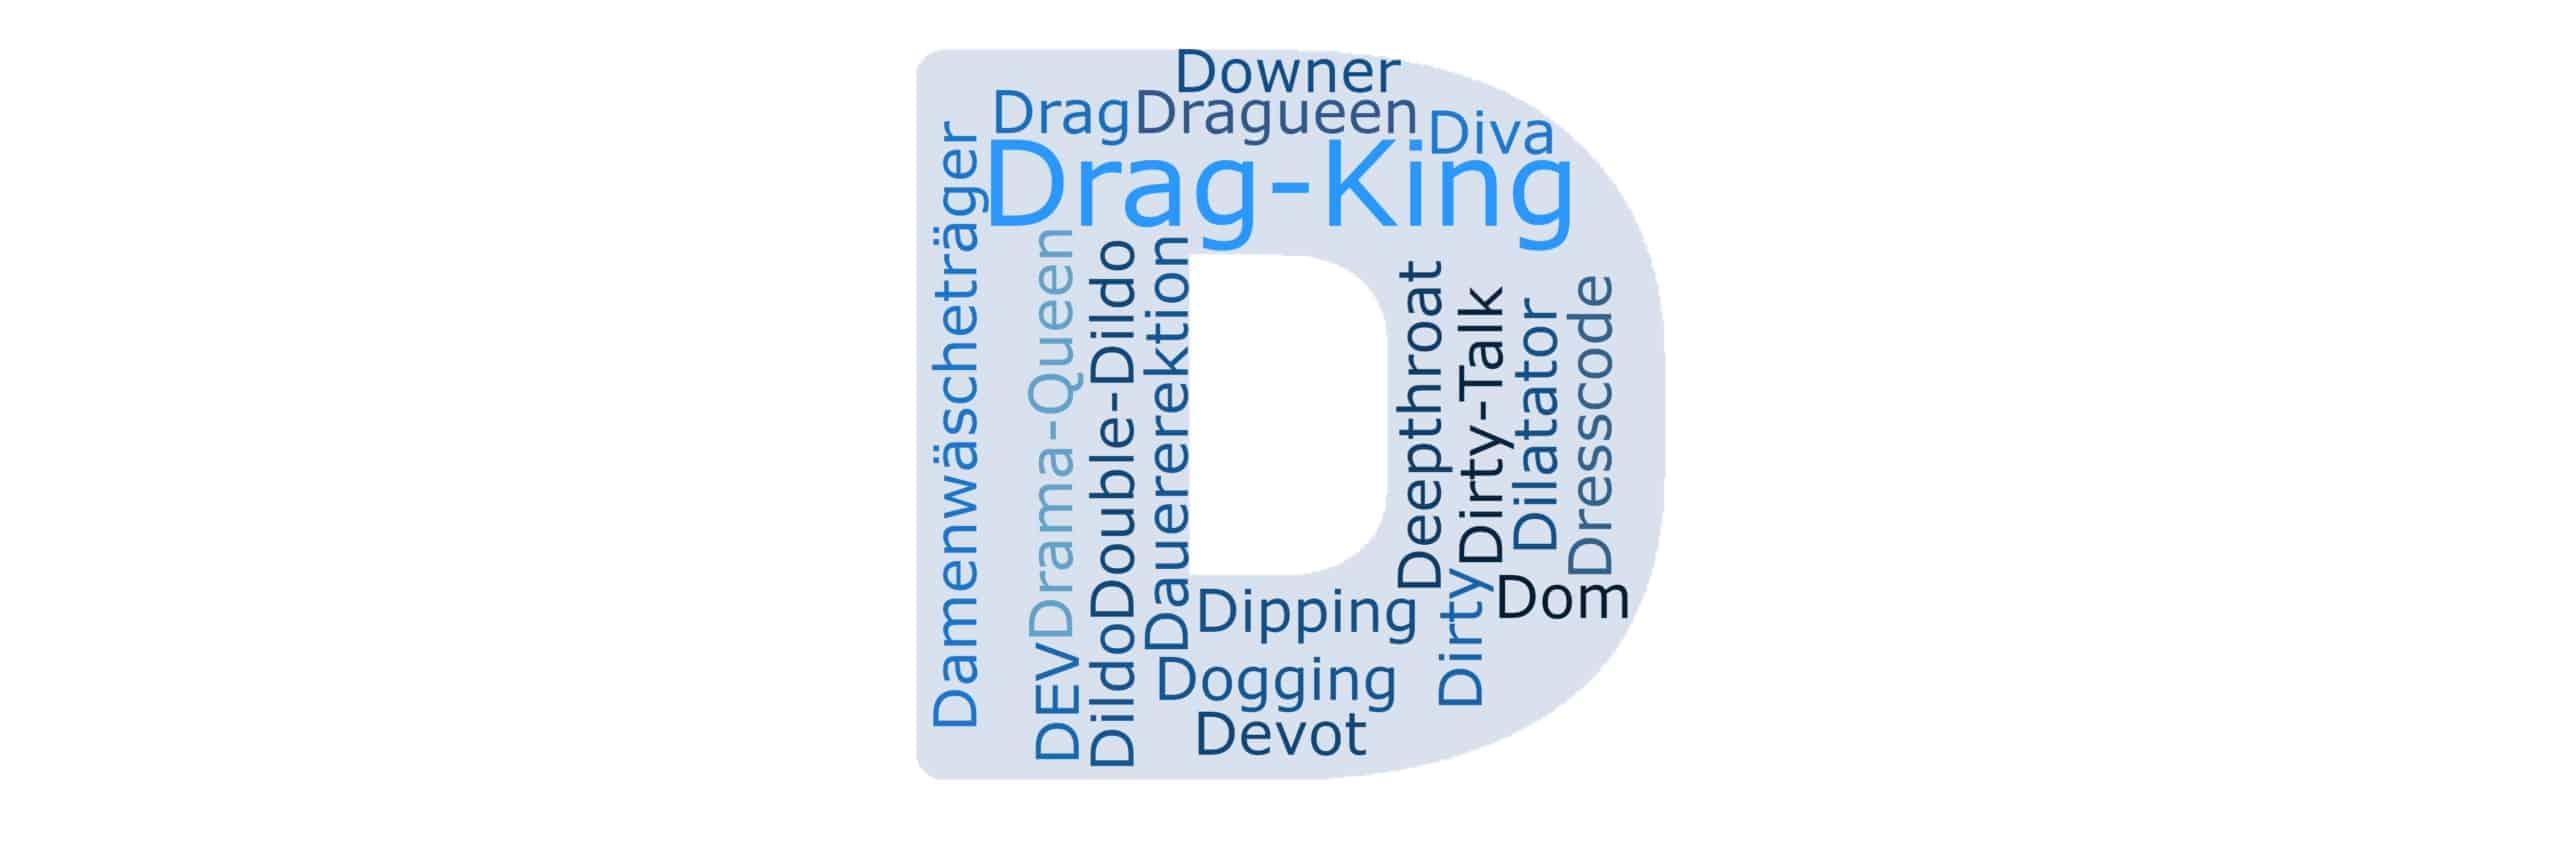 Drag-King